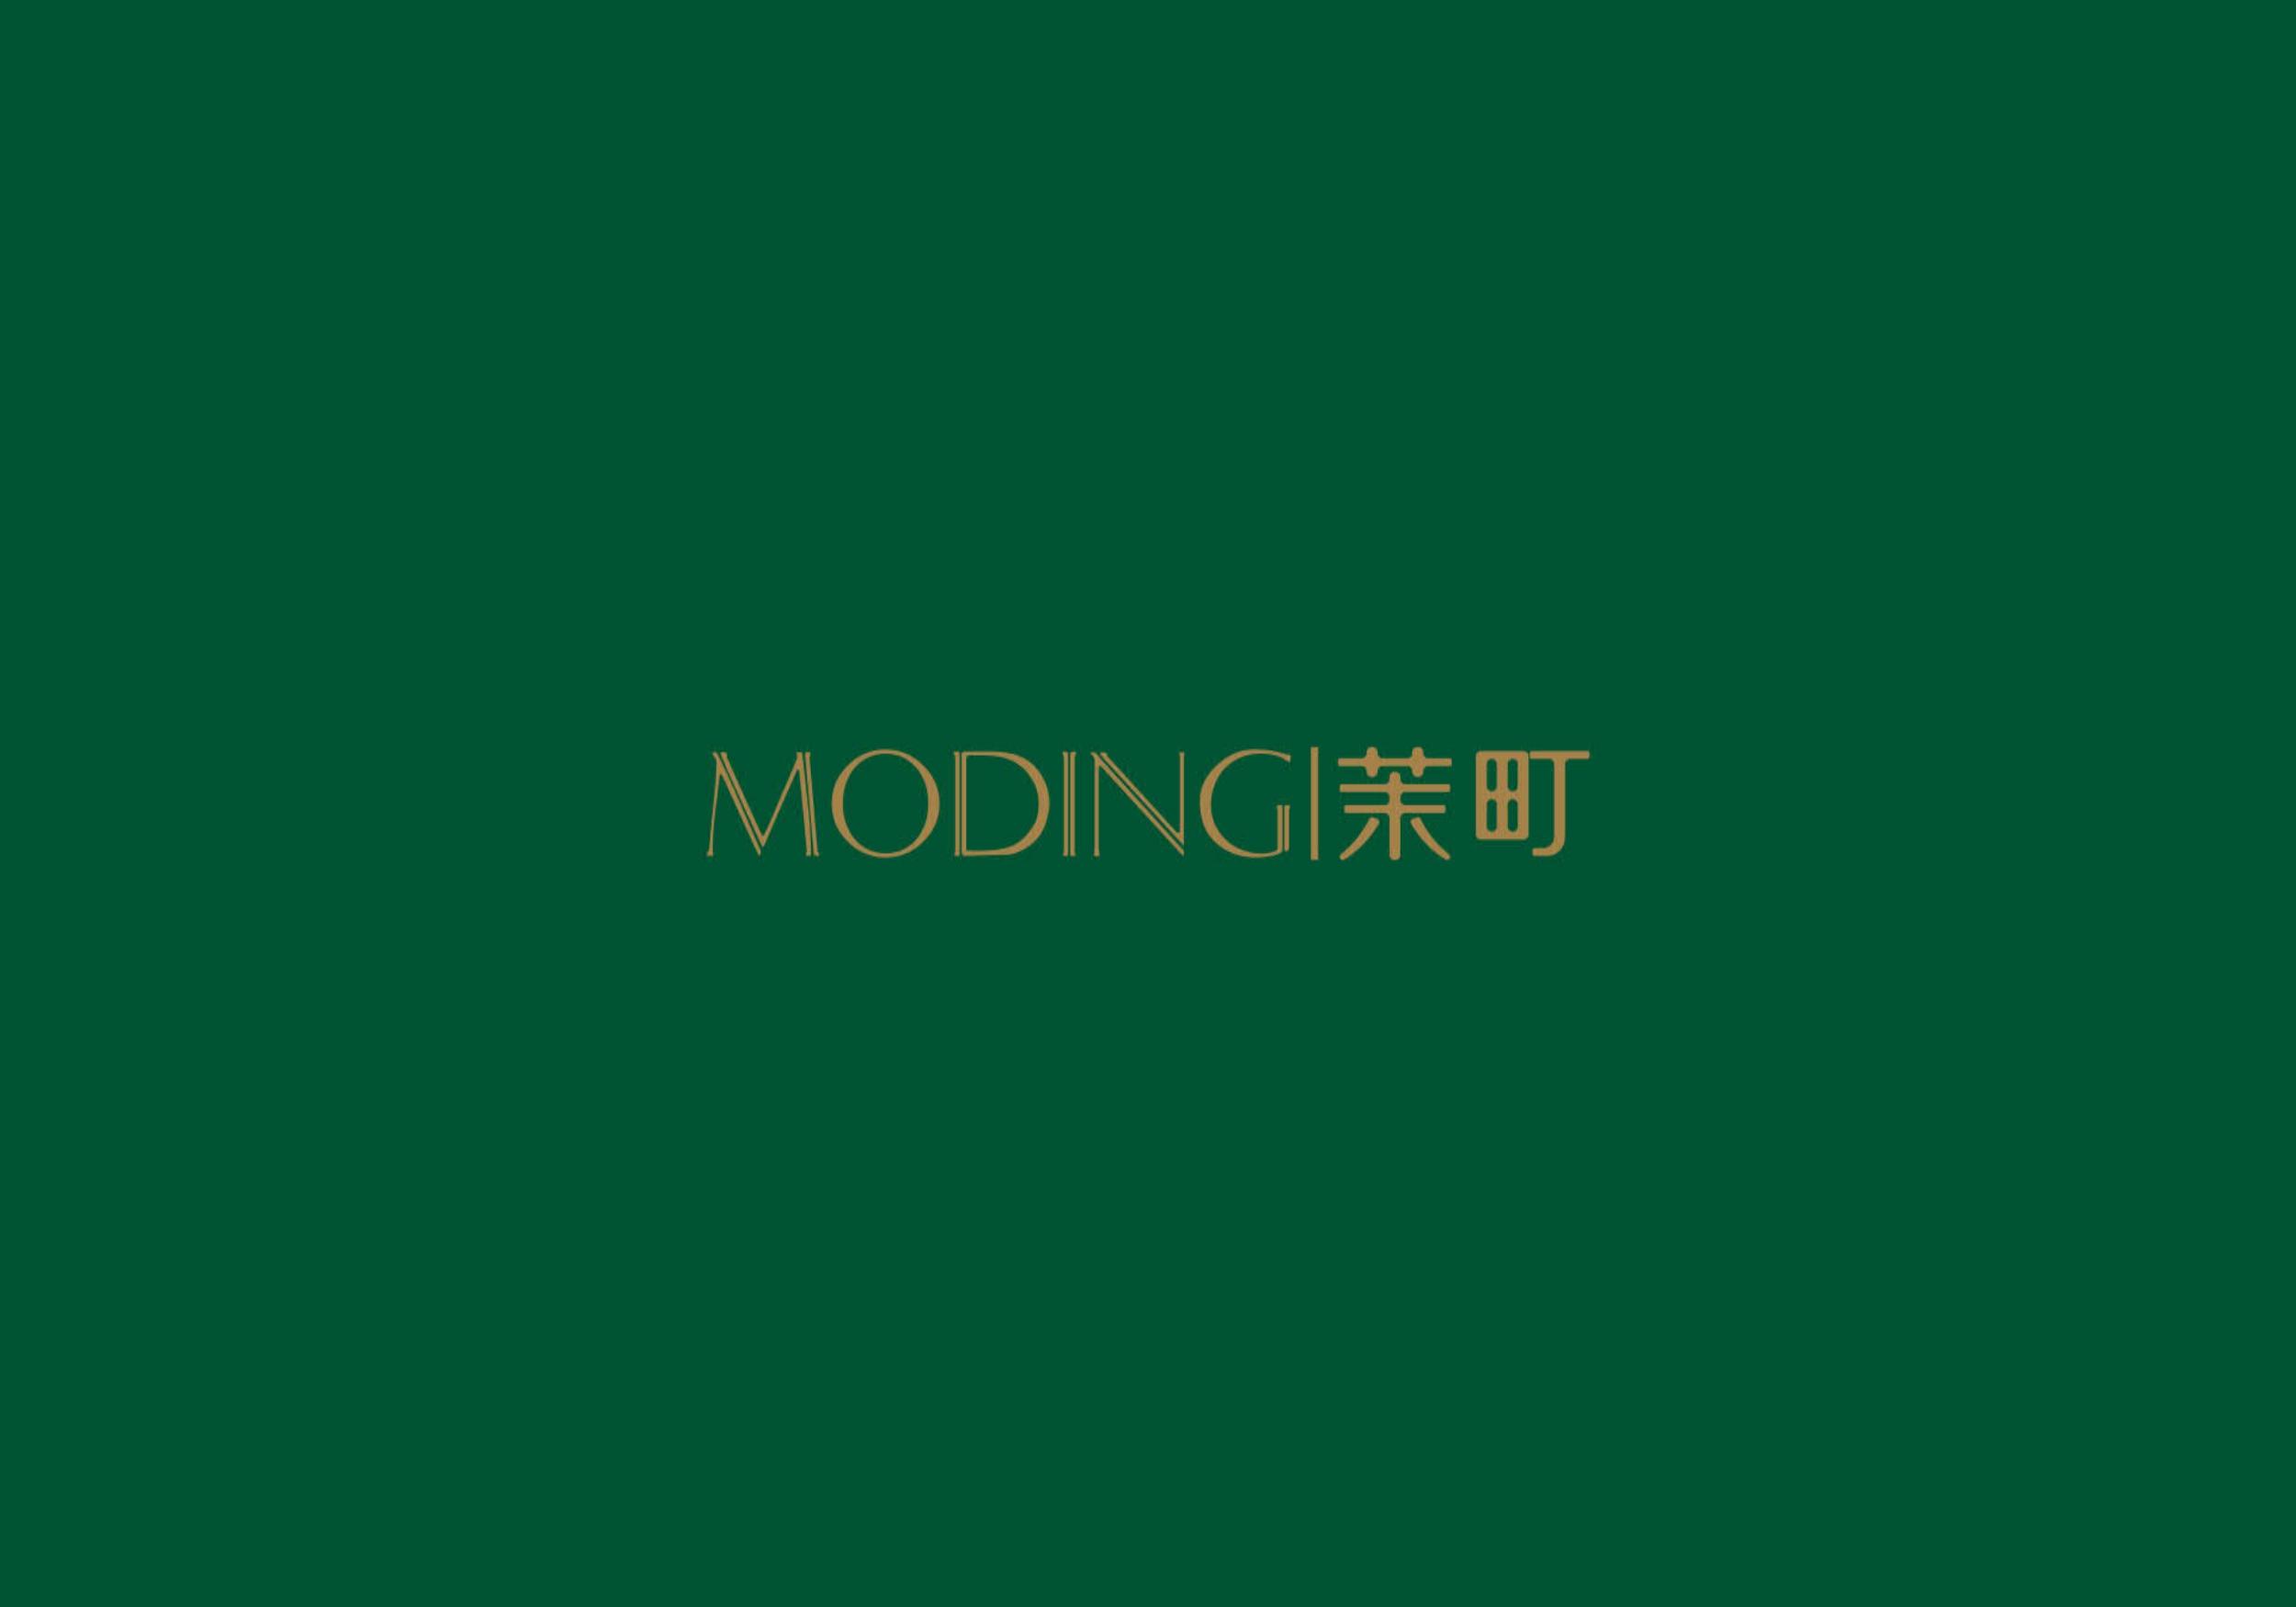 广州聚网科技有限公司2